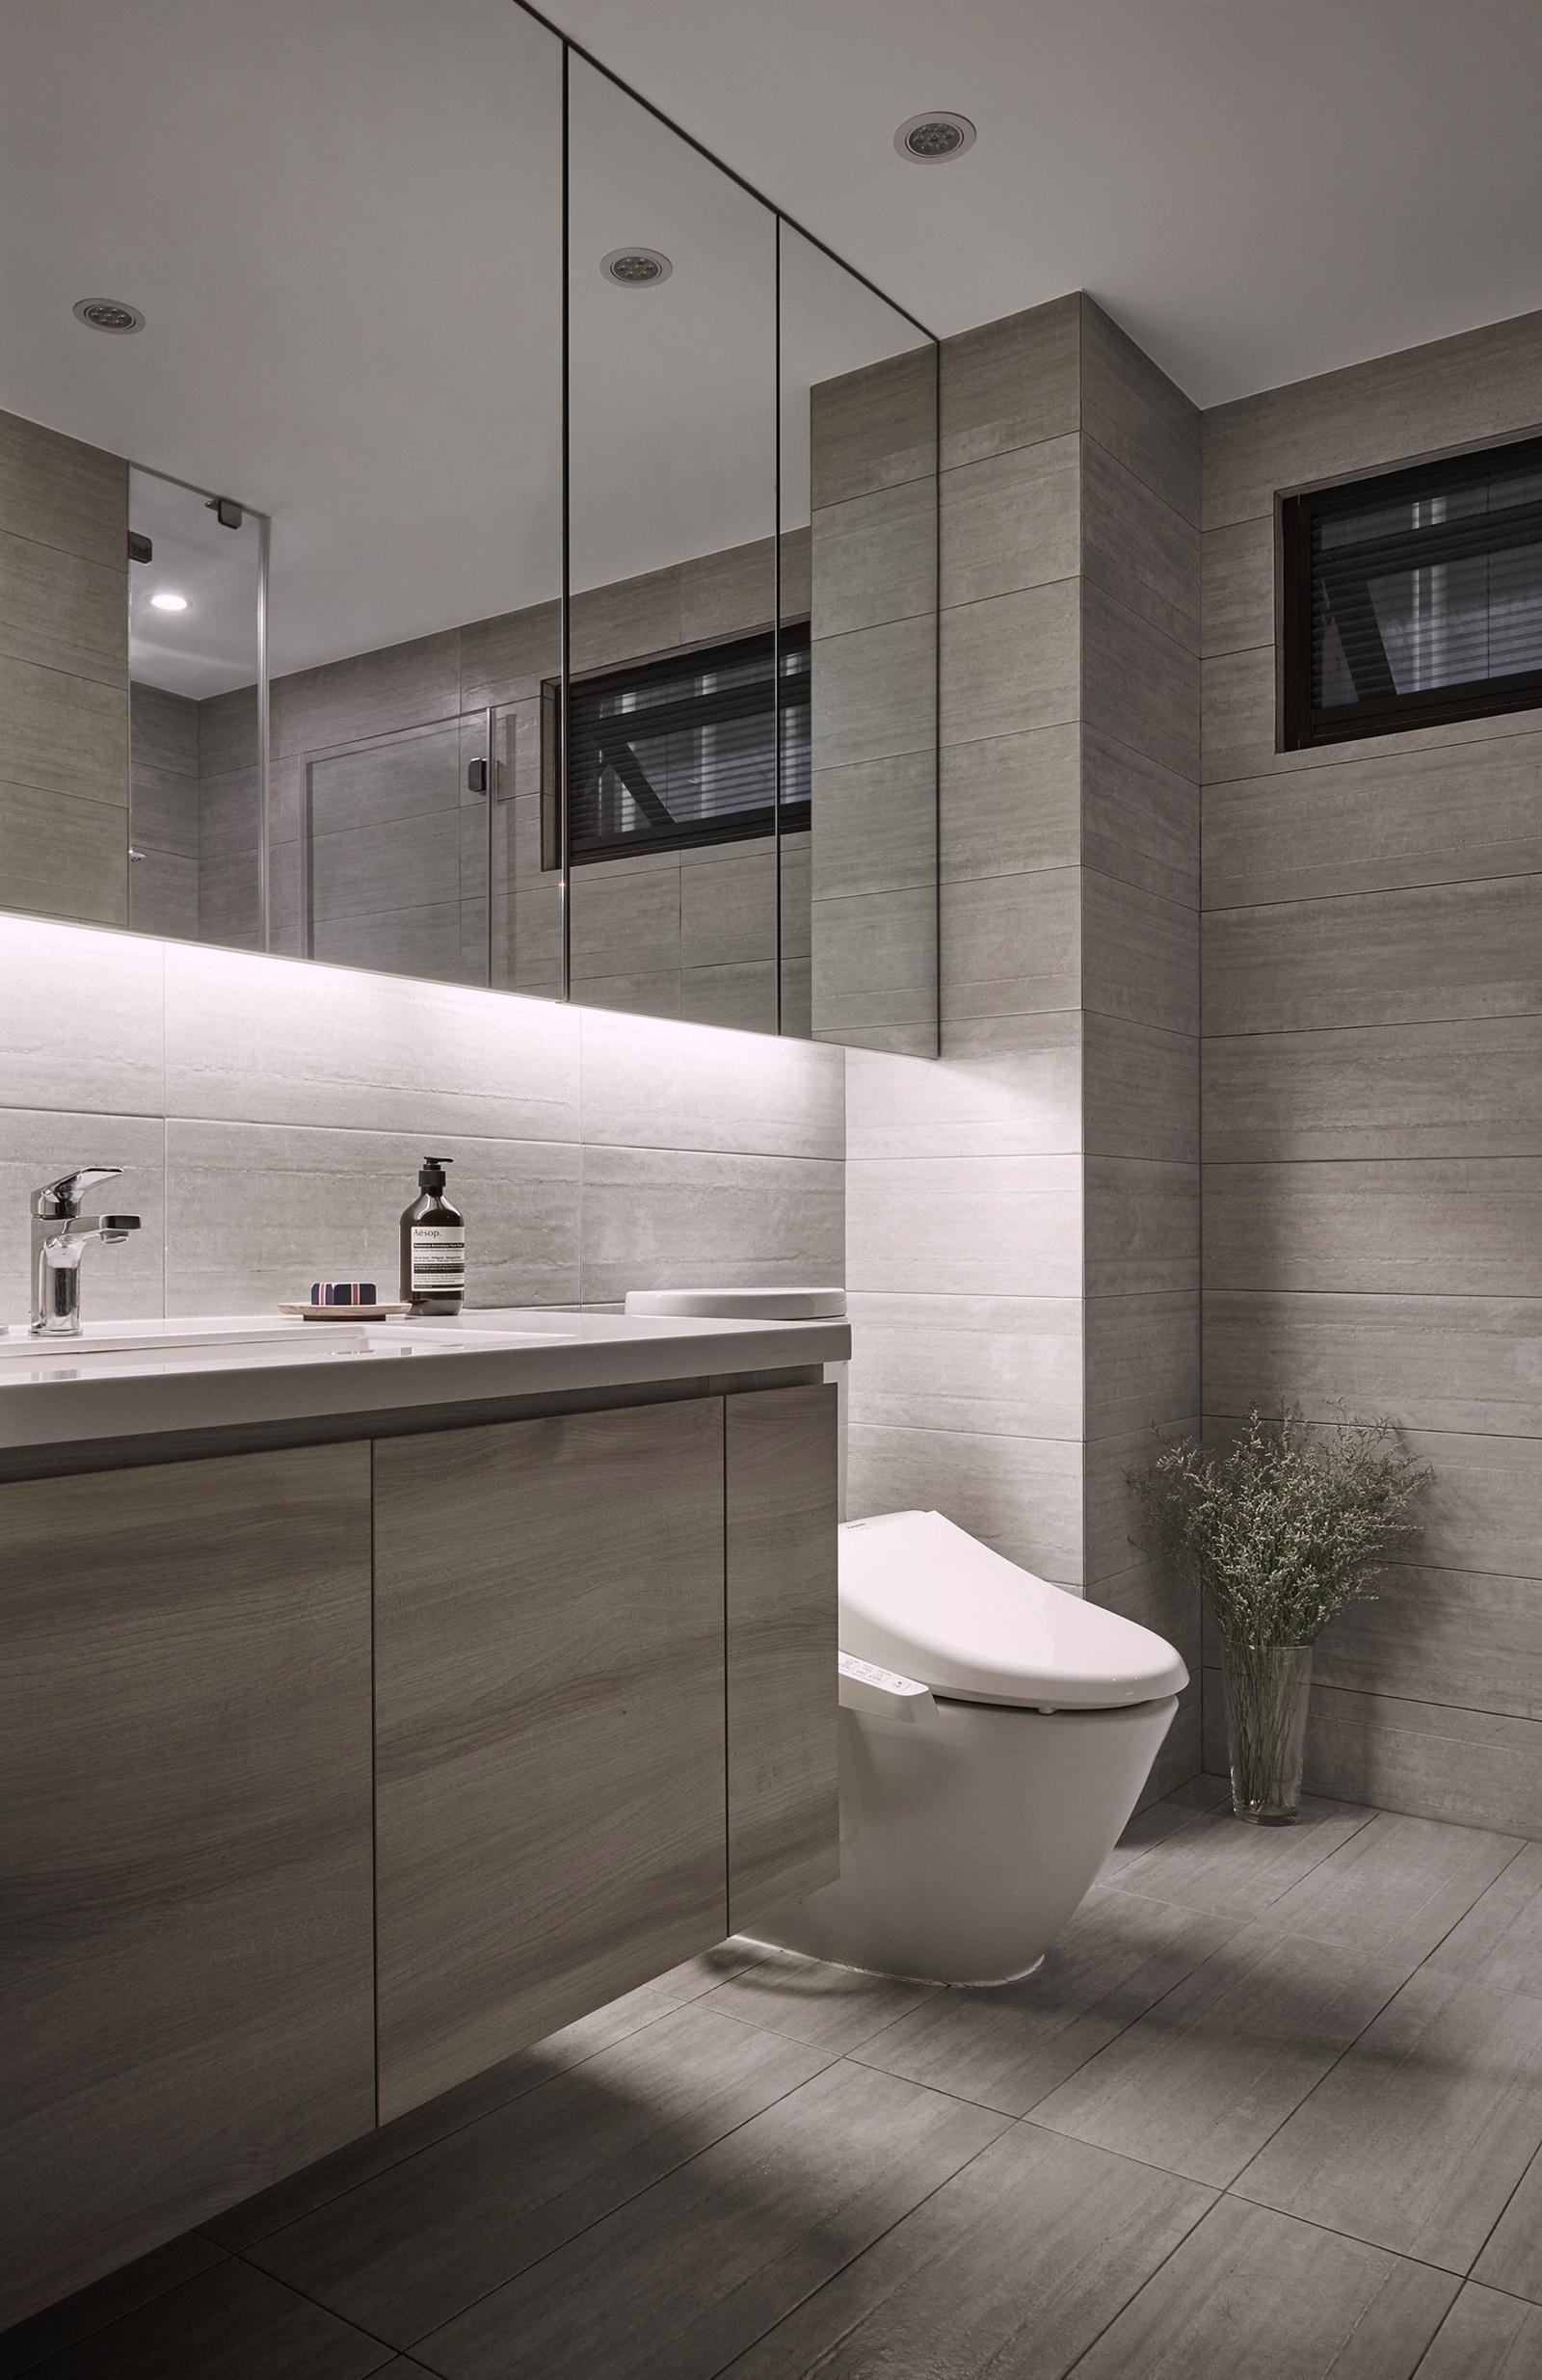 etaj-ot-kashta-s-moderen-i-prostoren-interioren-dizain-120-914g